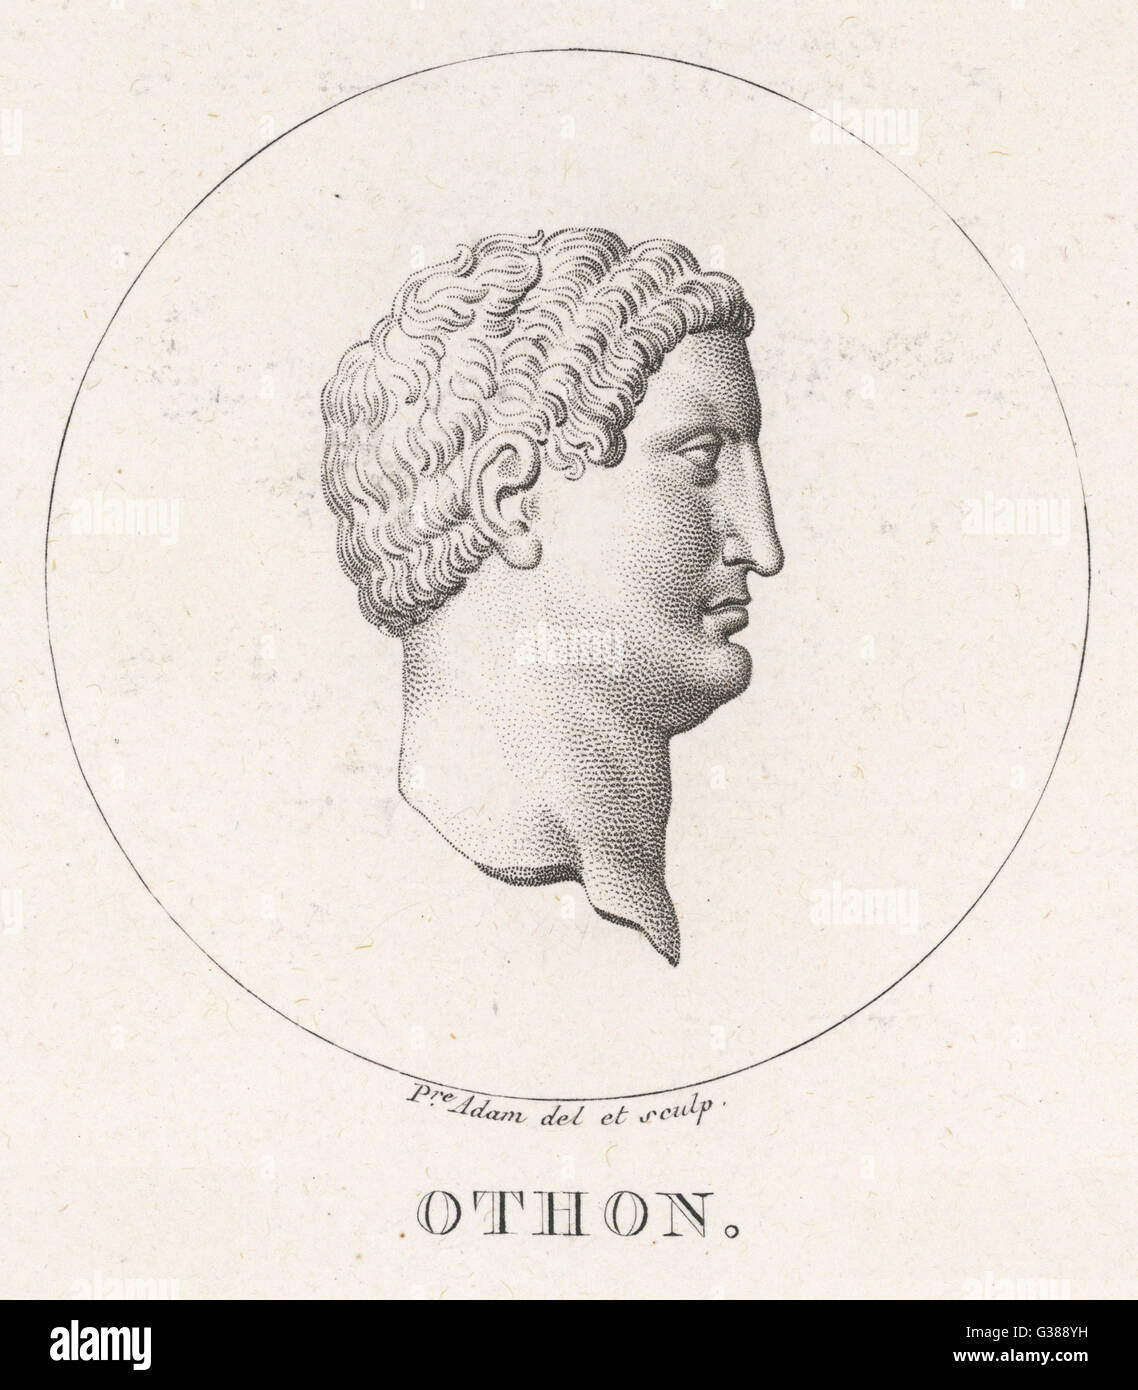 Marcus Salvius OTHO emperador romano se suicidó Fecha: 32 - 69 Imagen De Stock